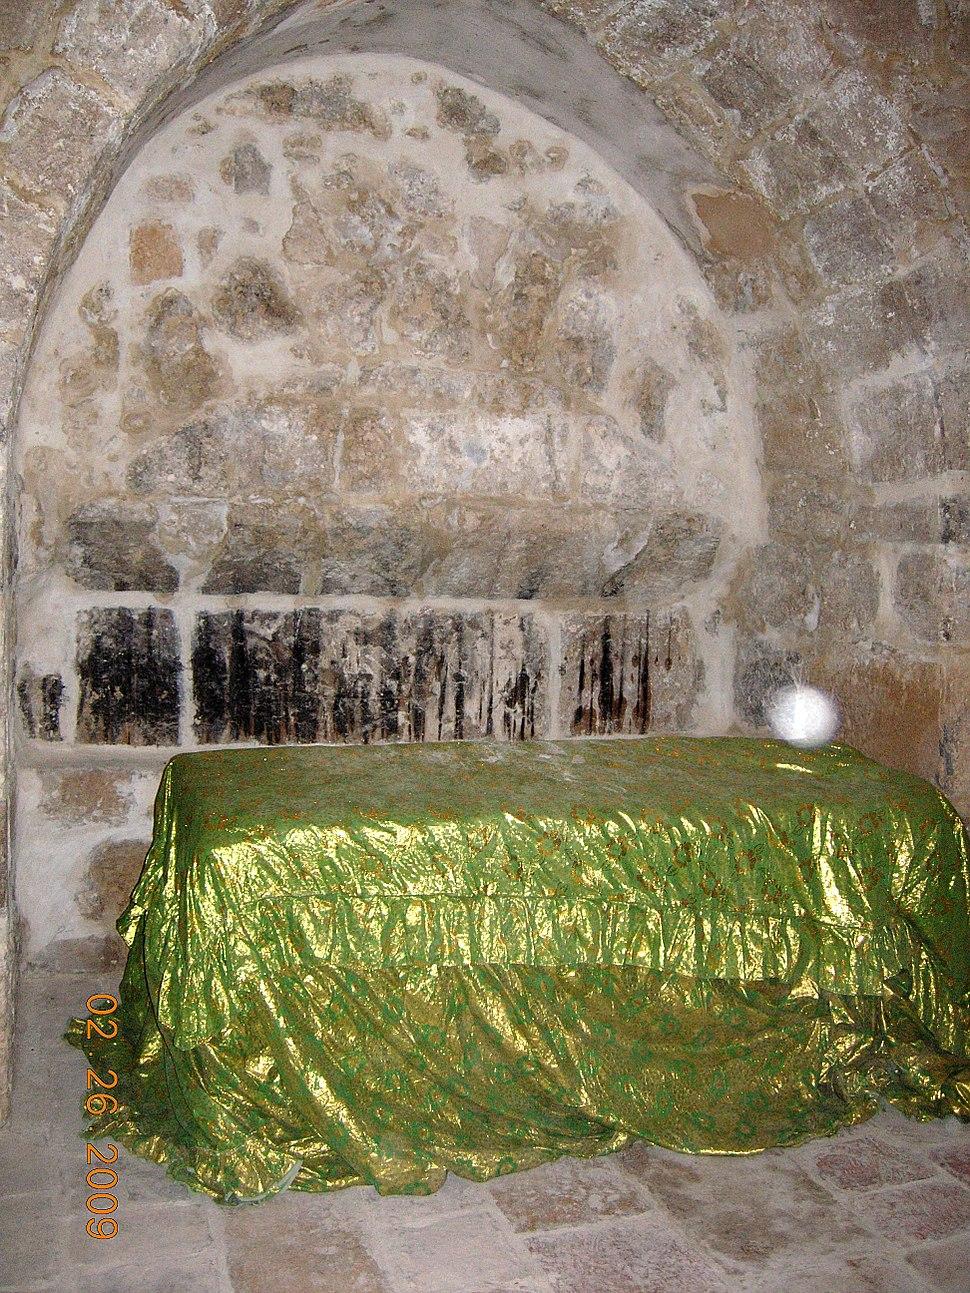 Pelagia Grave 1